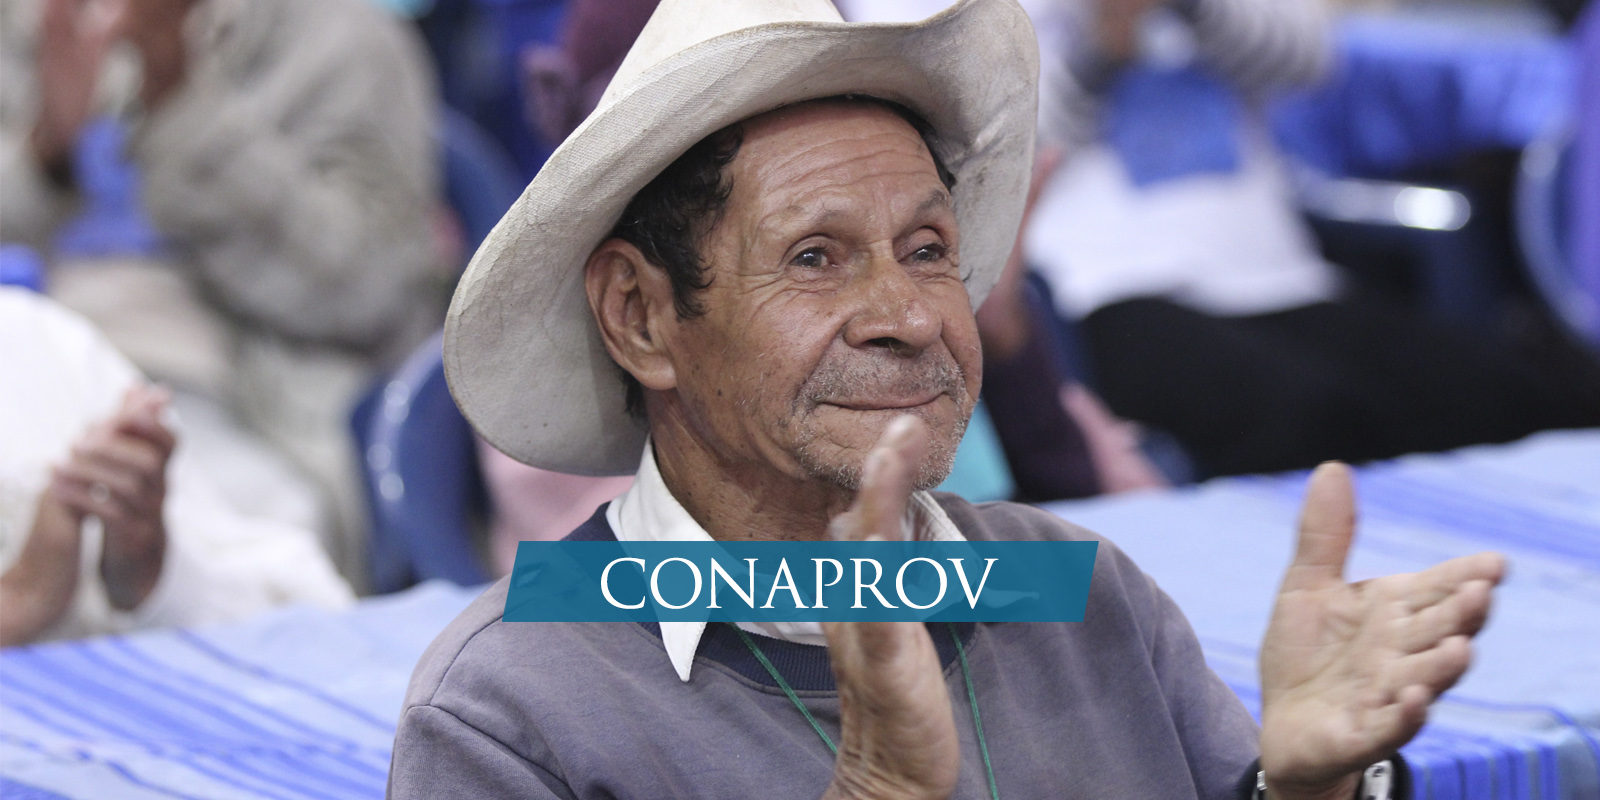 CONAPROV